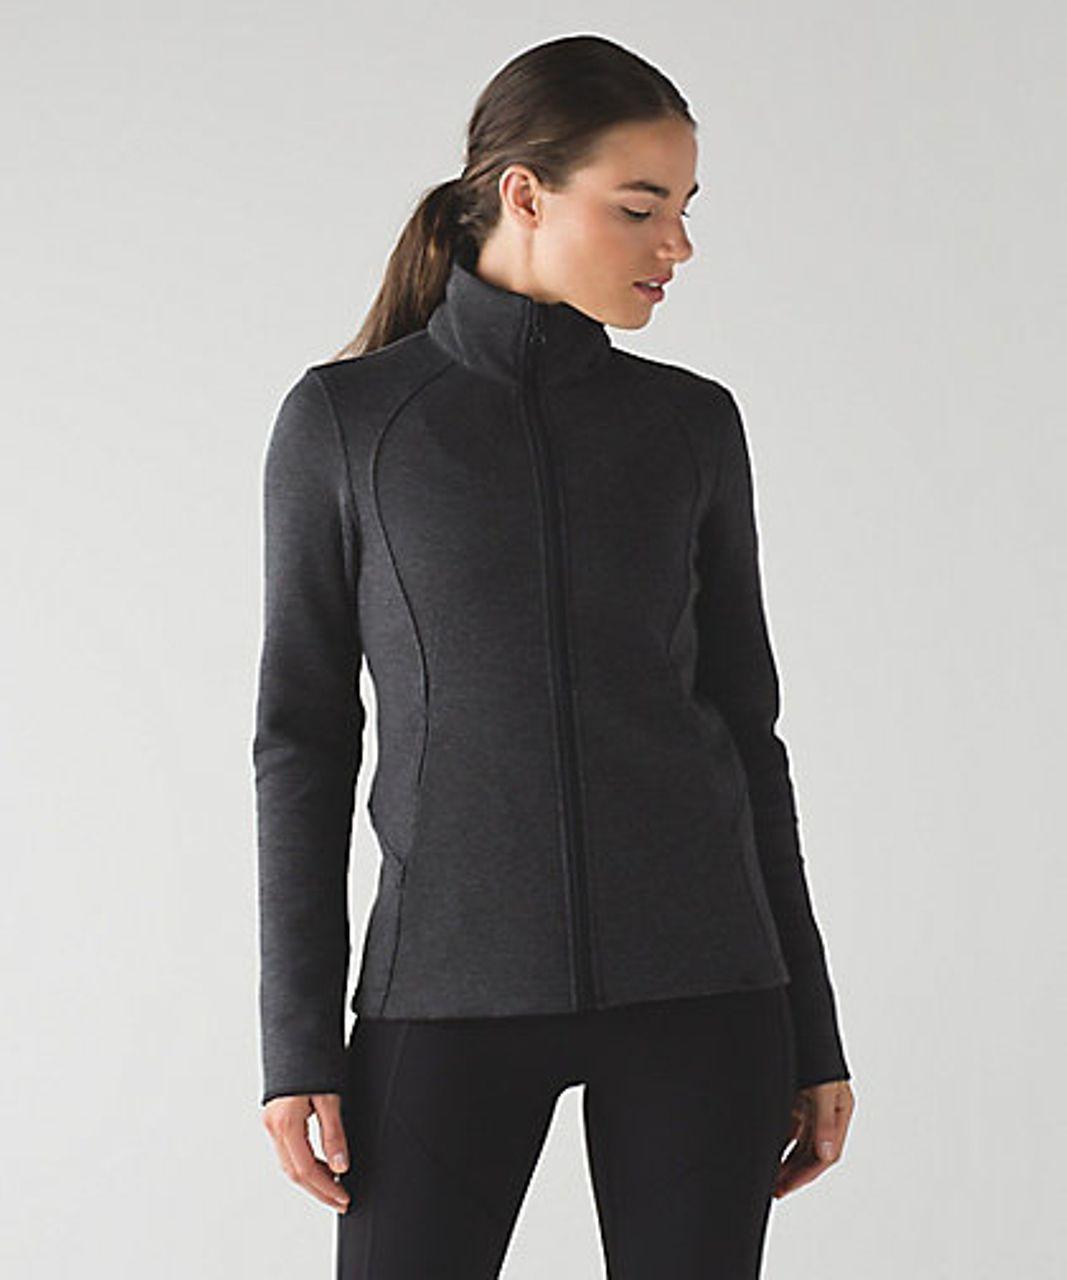 Lululemon Insculpt Jacket Heathered Black Black Lulu